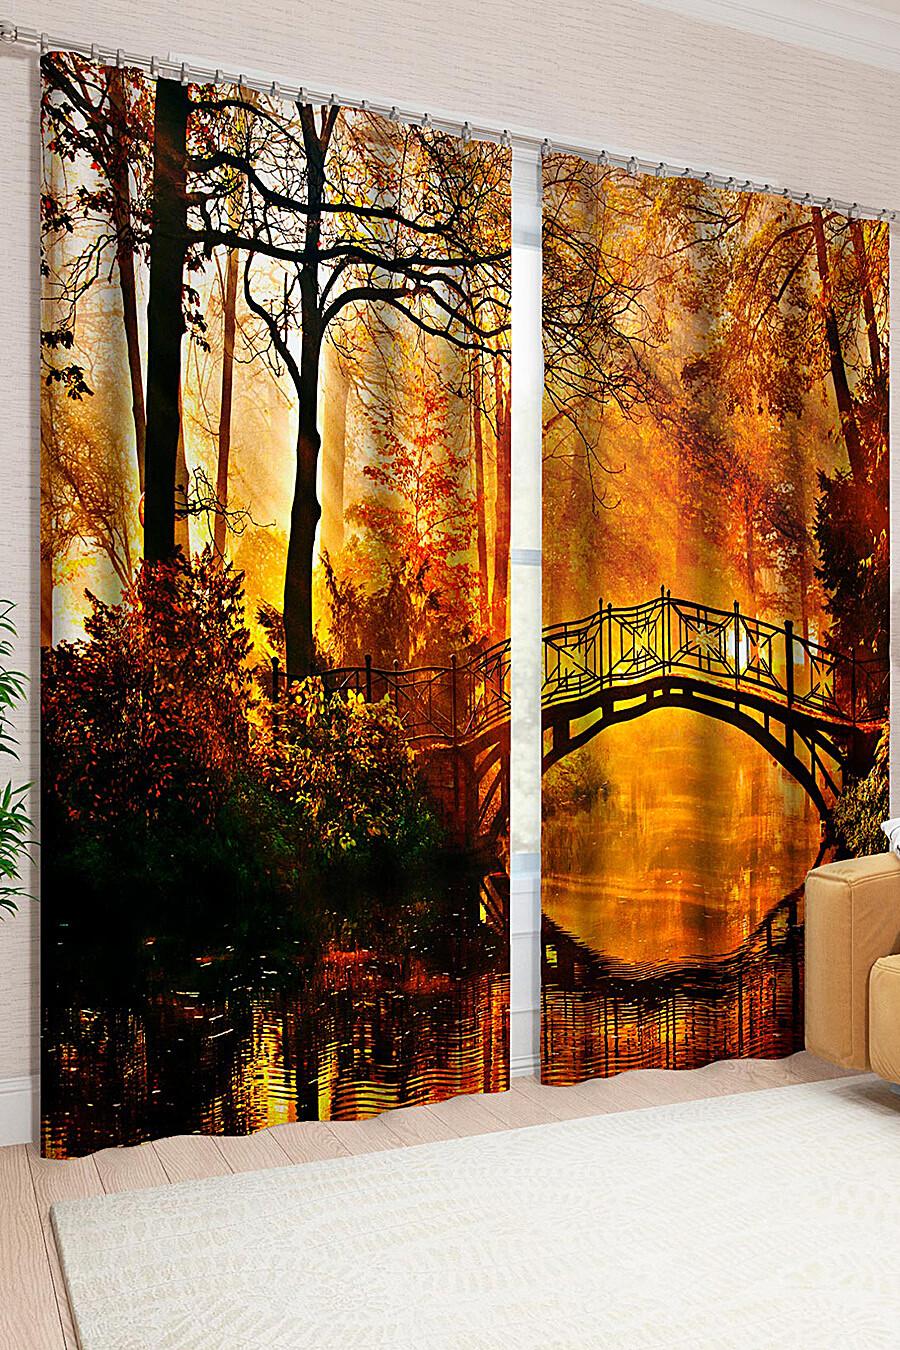 Фотошторы для дома ART HOME TEXTILE 123521 купить оптом от производителя. Совместная покупка товаров для дома в OptMoyo